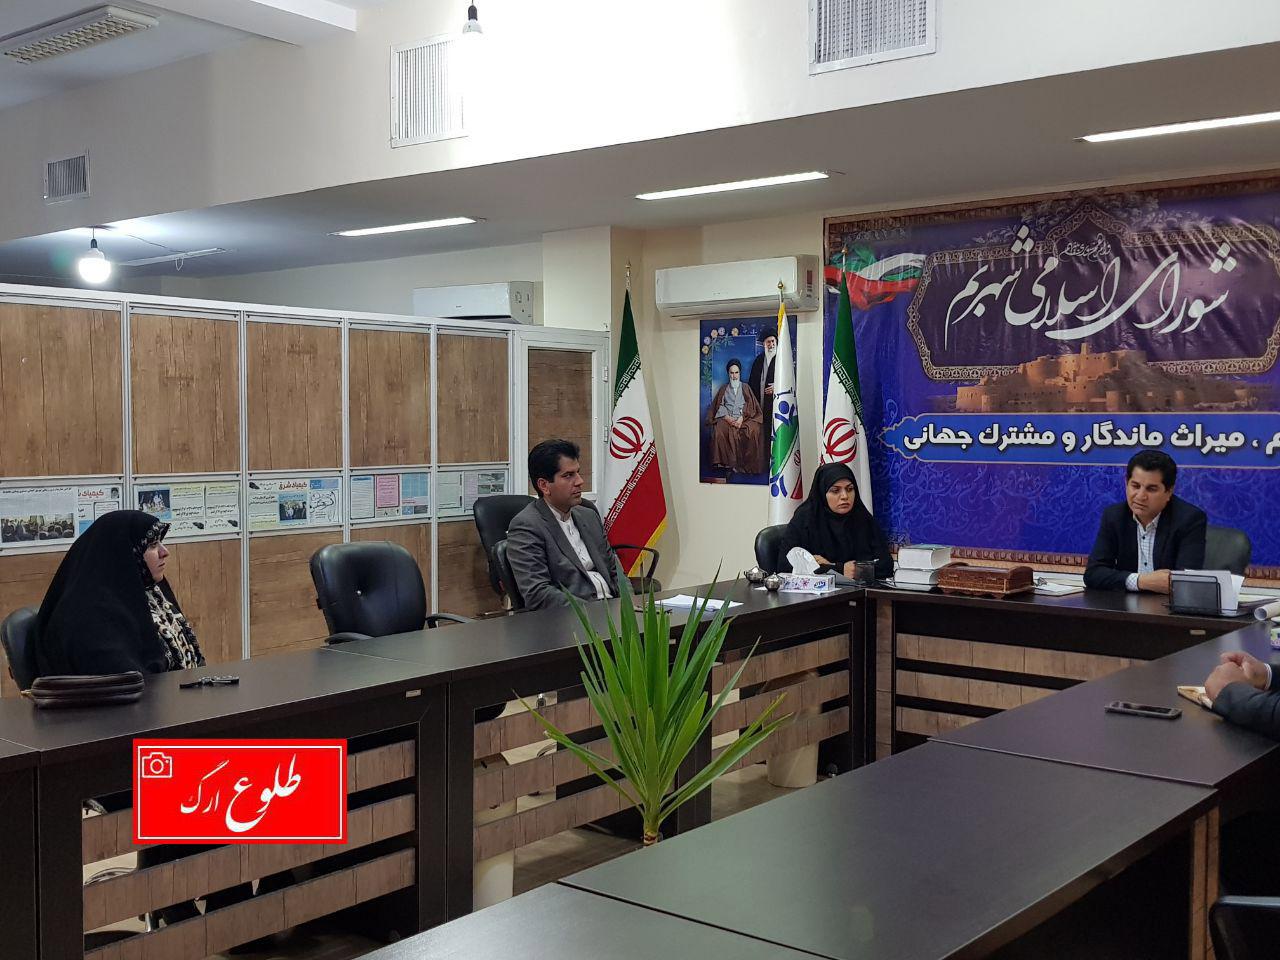 گزارش جلسه کمیسیون فرهنگی شورای اسلامی شهر بم در تاریخ ۱۵ دی ۹۷